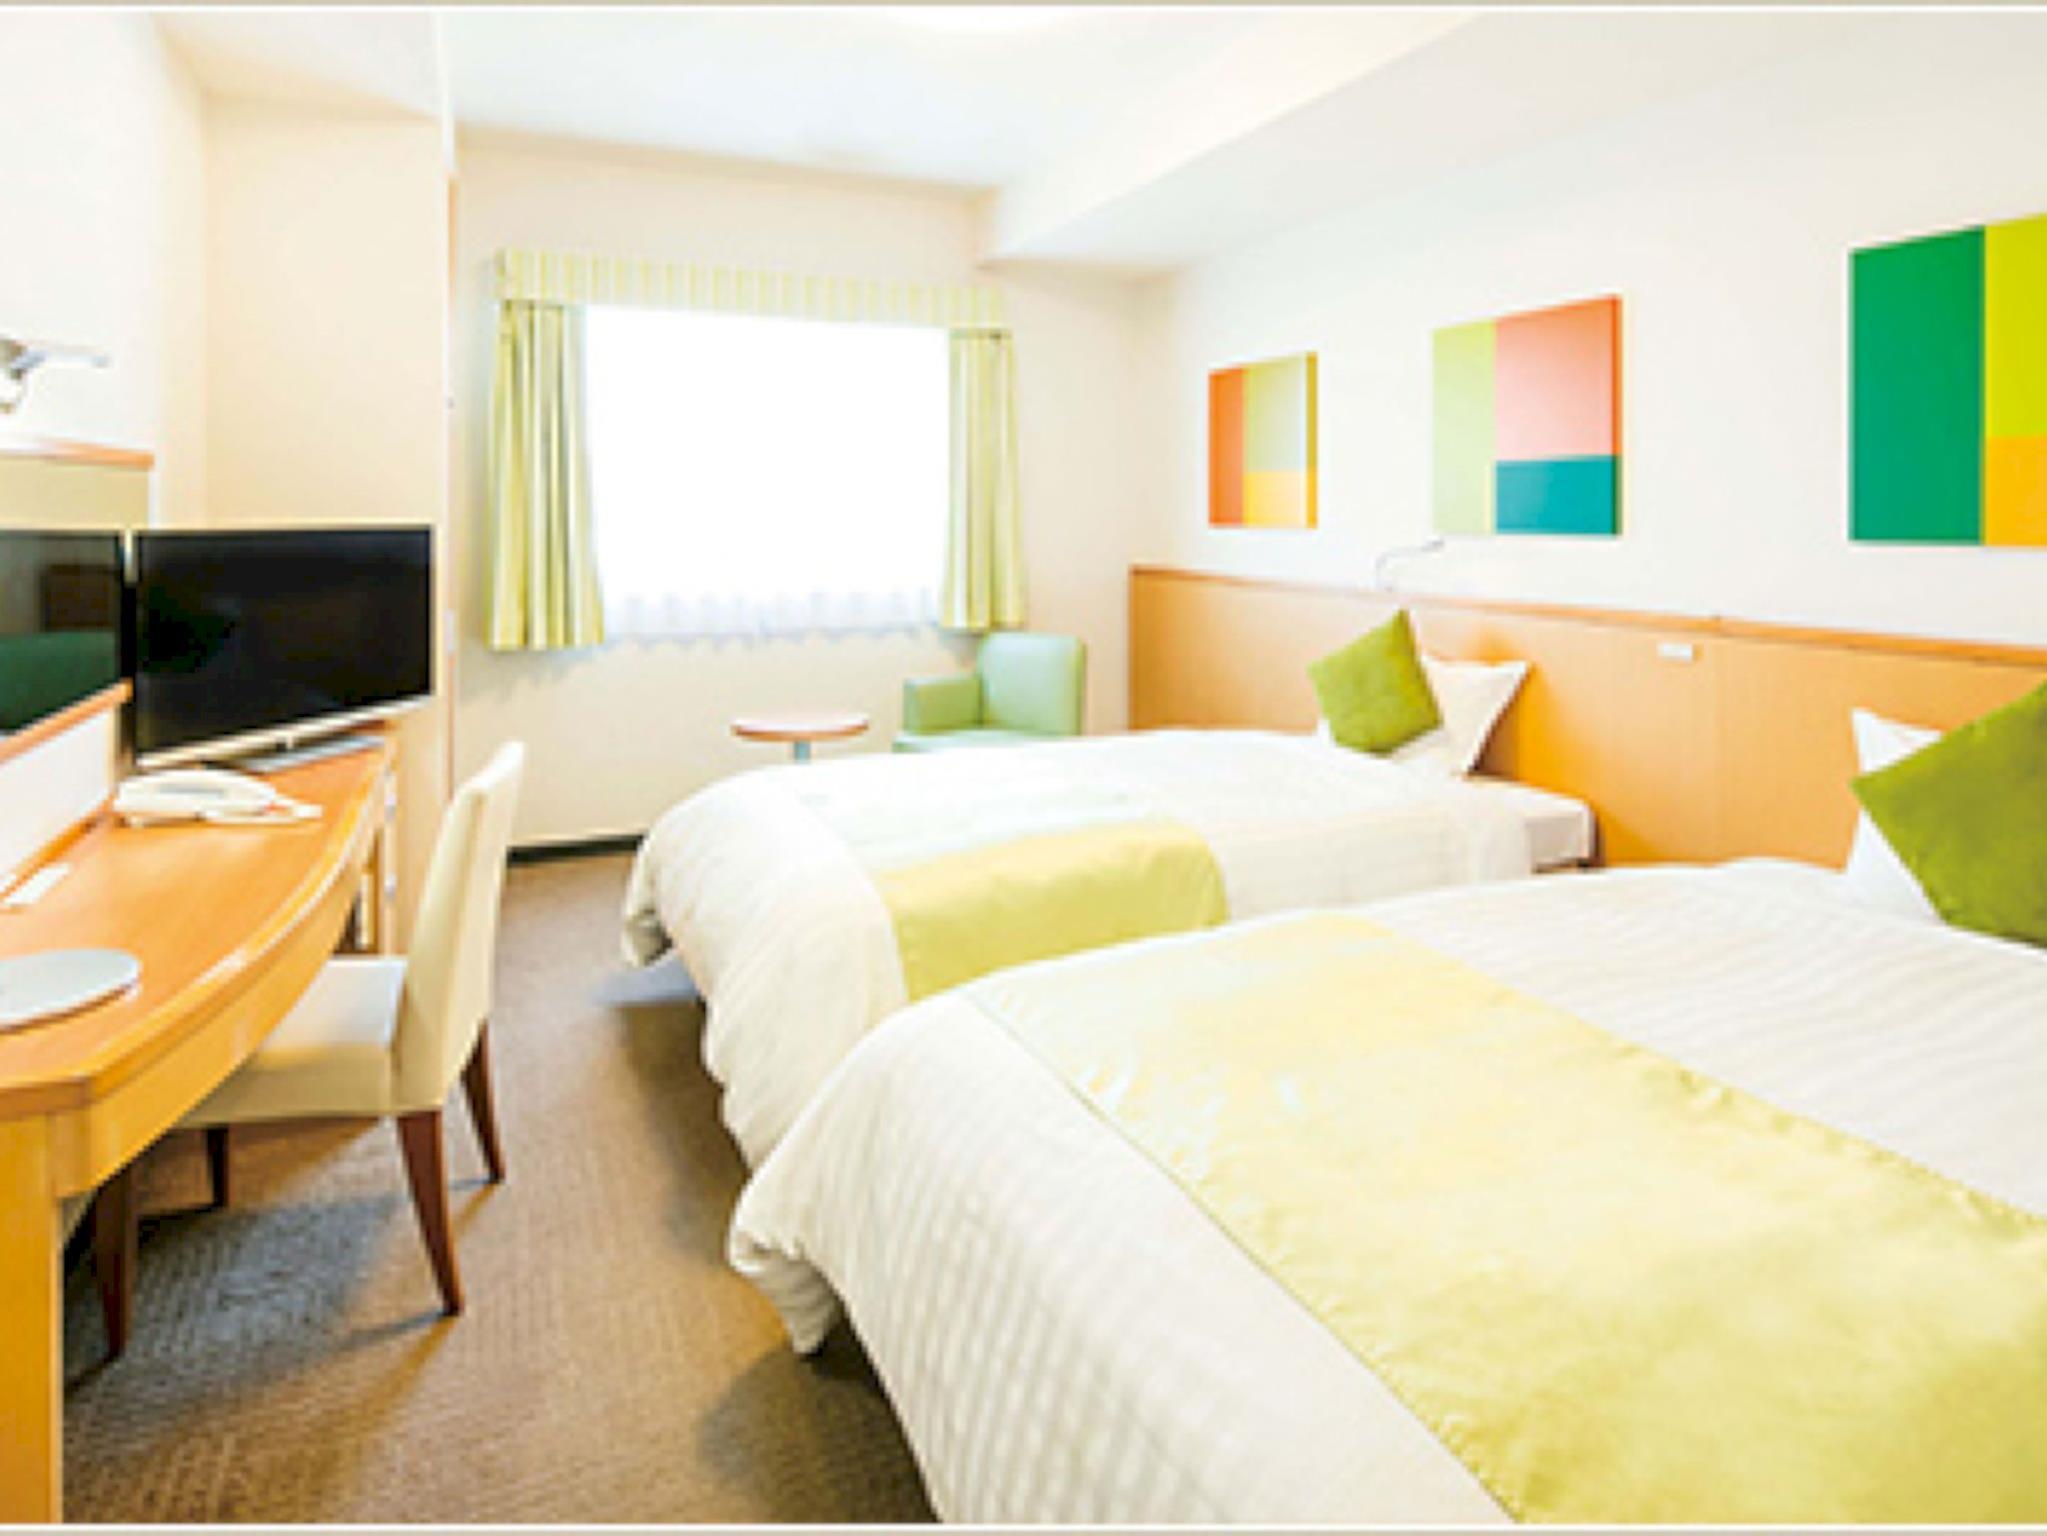 โรงแรมลูเมียเระนิชิกาไซ